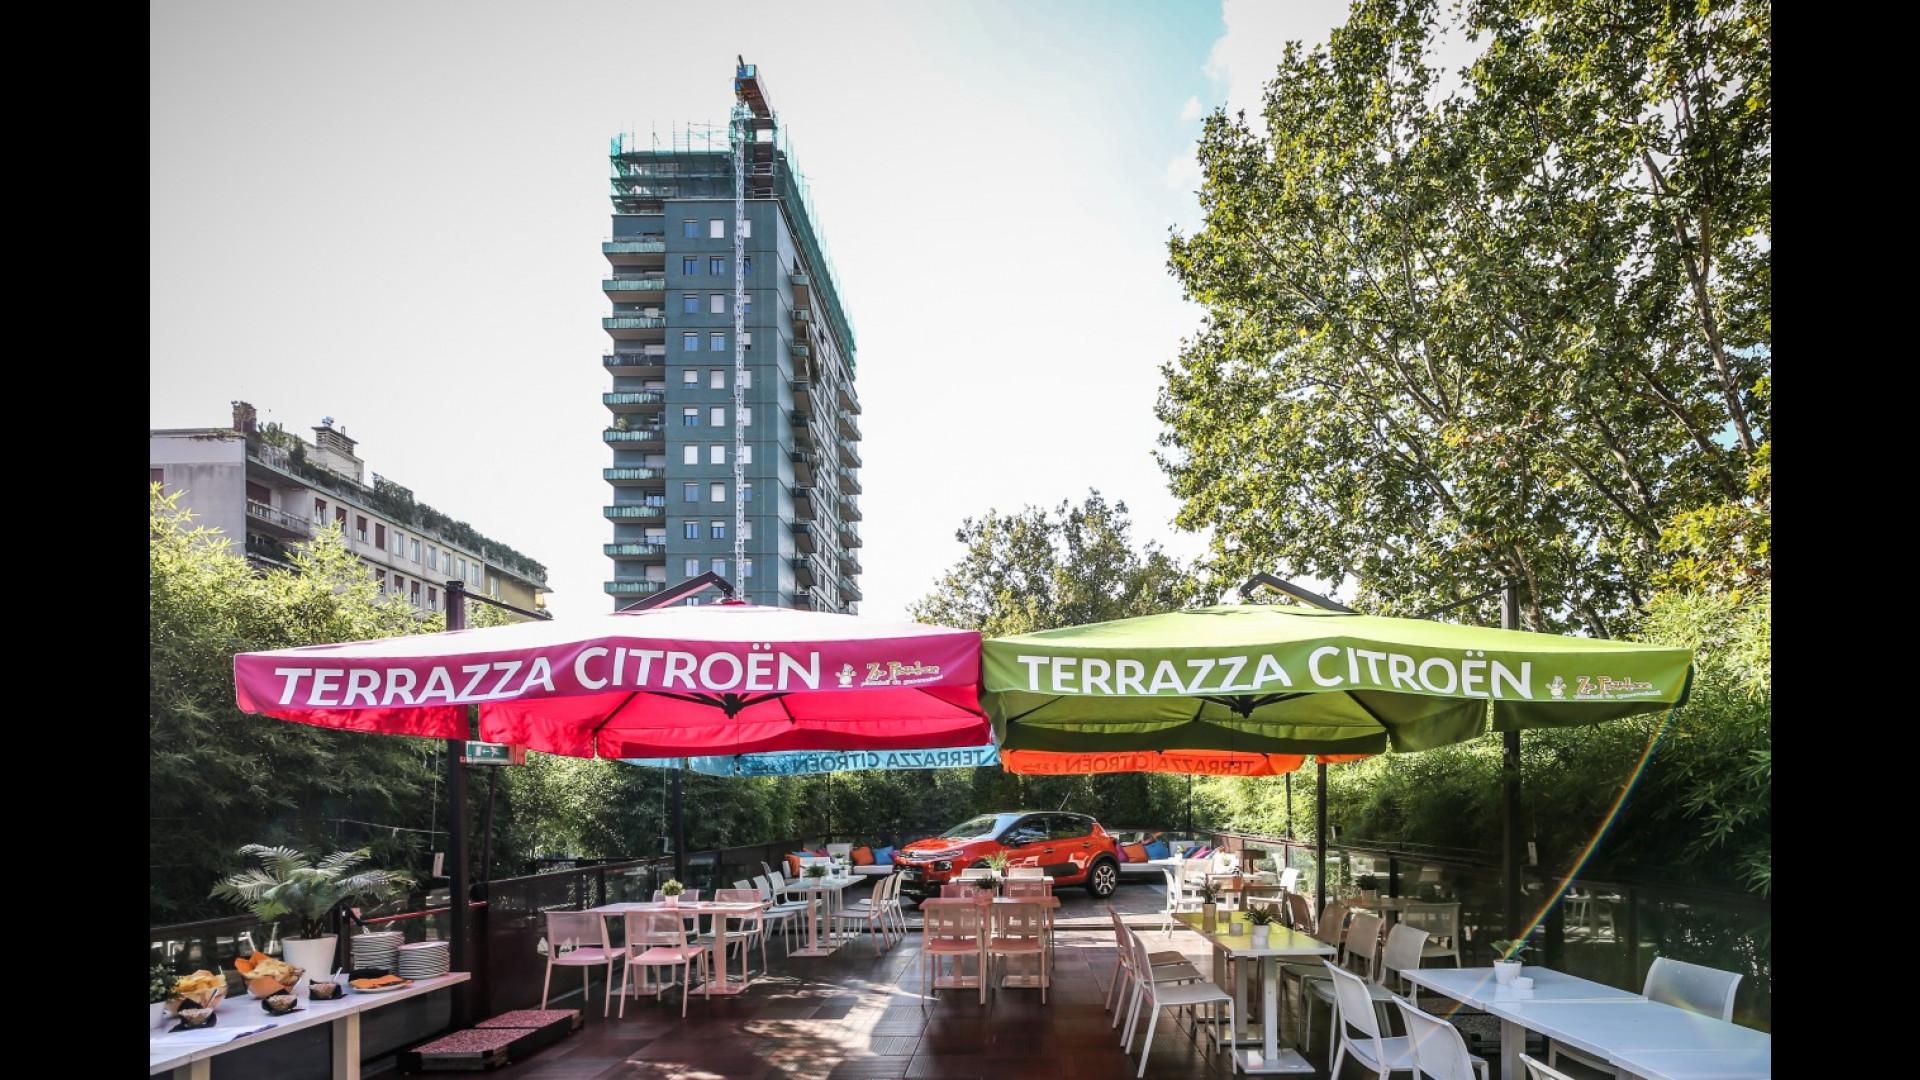 Emejing Ristorante La Terrazza Milano Images - Design and Ideas ...